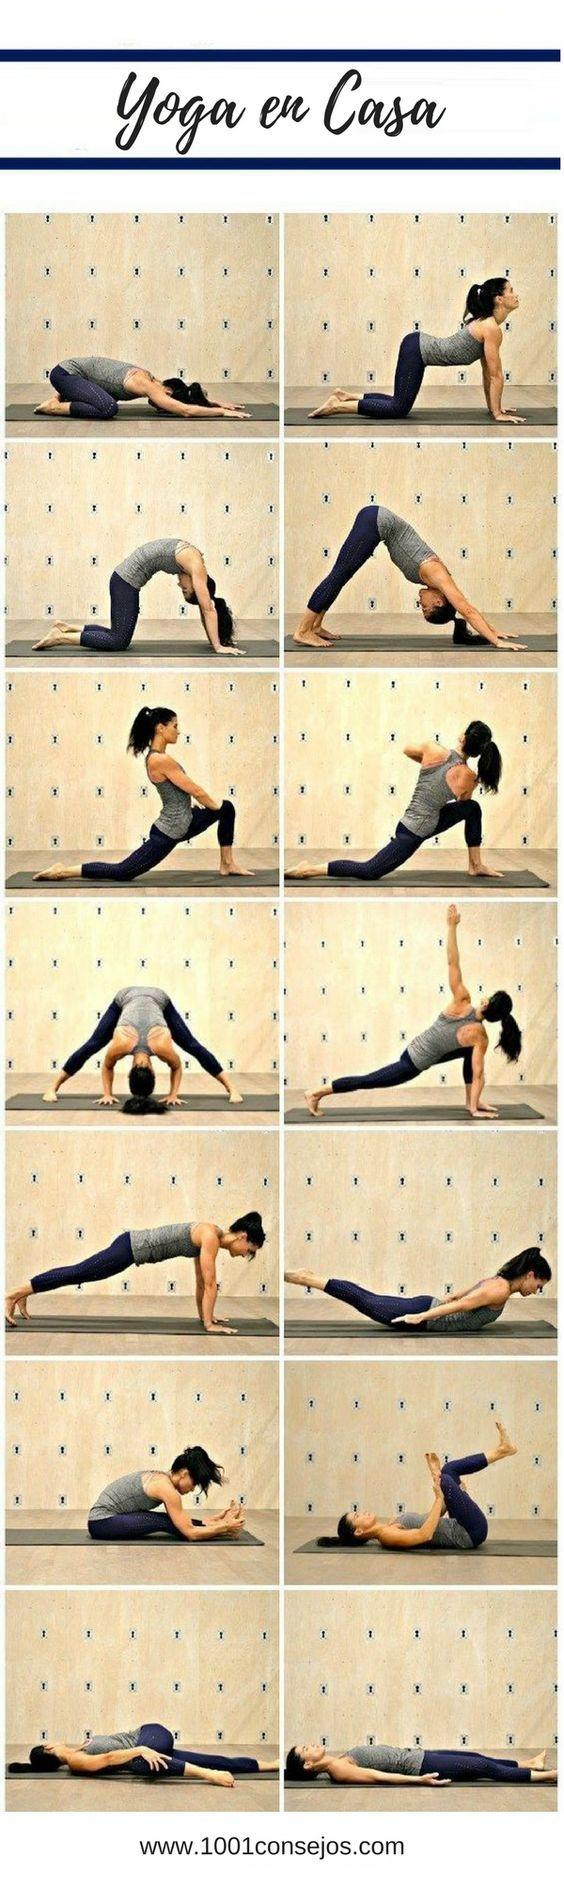 Estos Ejercicios De Yoga En Casa Te Mantendran Saludable Ejercicios De Yoga Para Principiantes Rutina De Yoga Para Easy Yoga Workouts Yoga Poses Yoga Flow